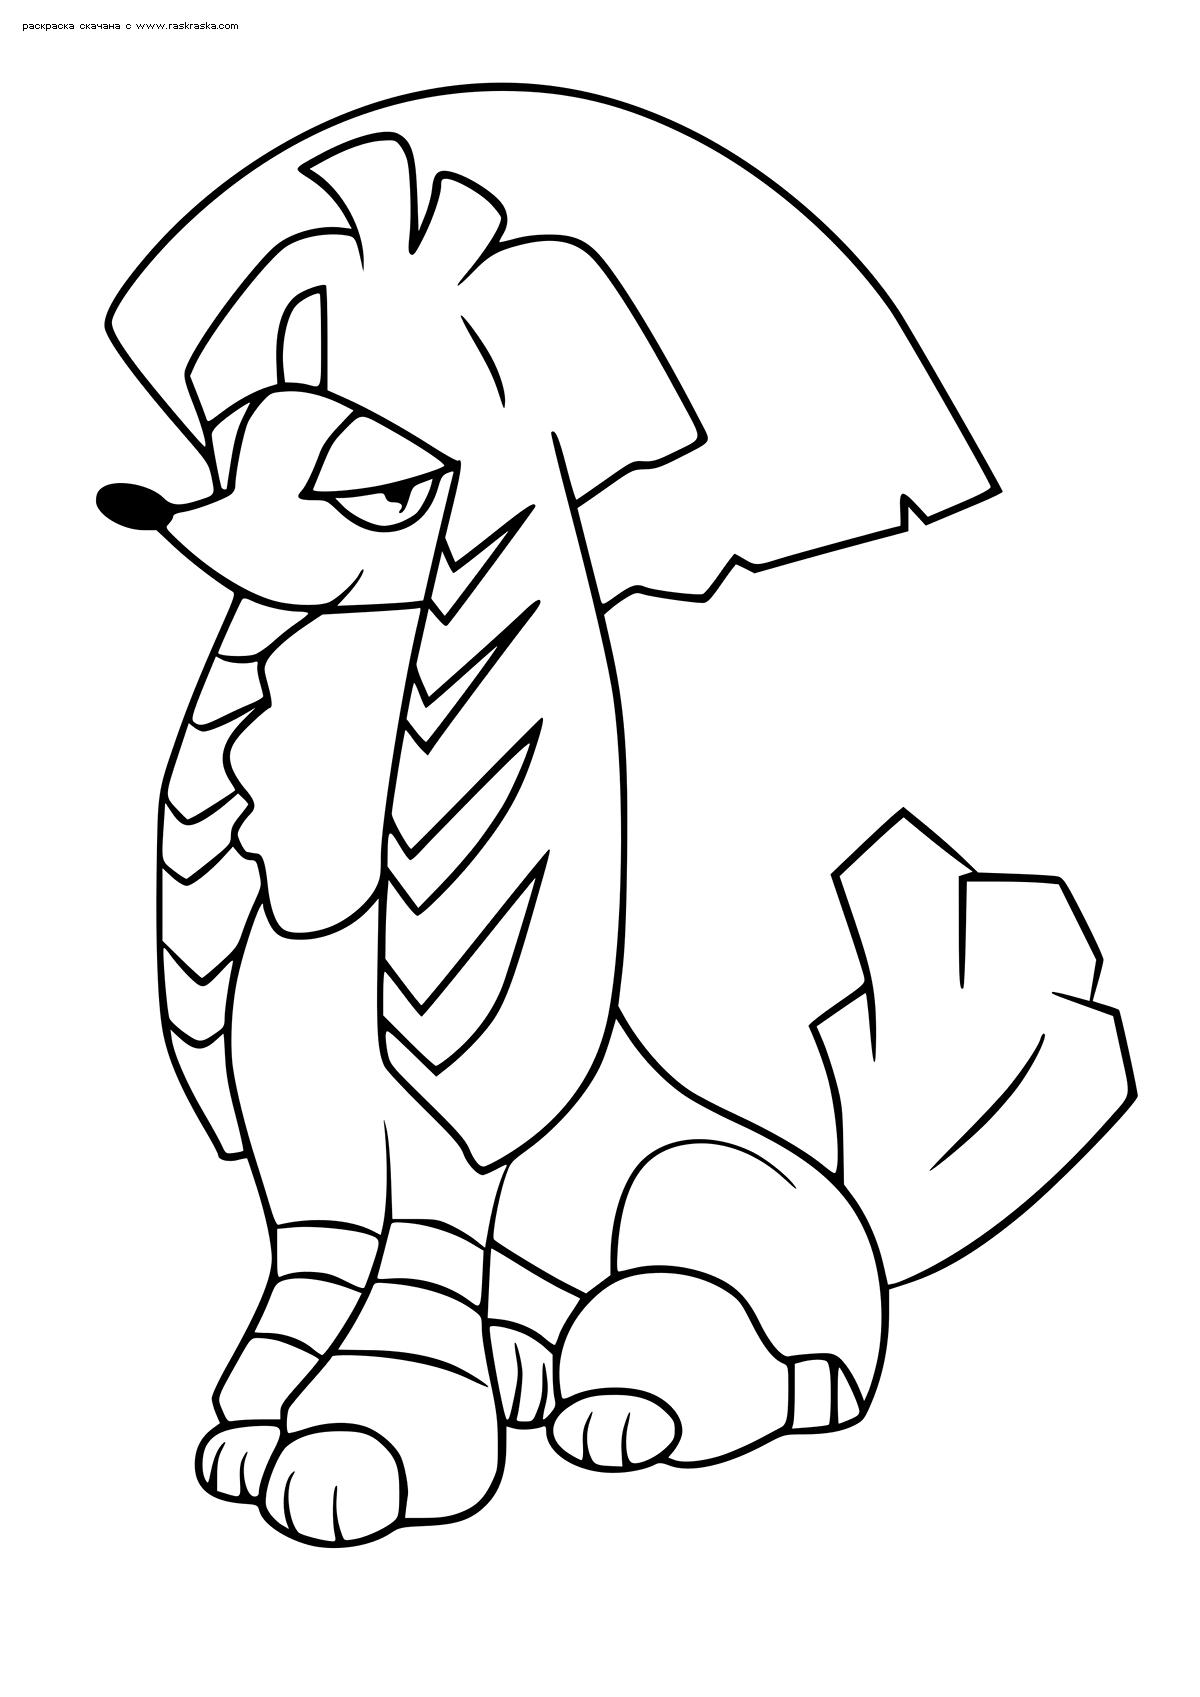 Раскраска Покемон Фурфу (Furfrou). Стиль кабуки. Раскраска Покемон